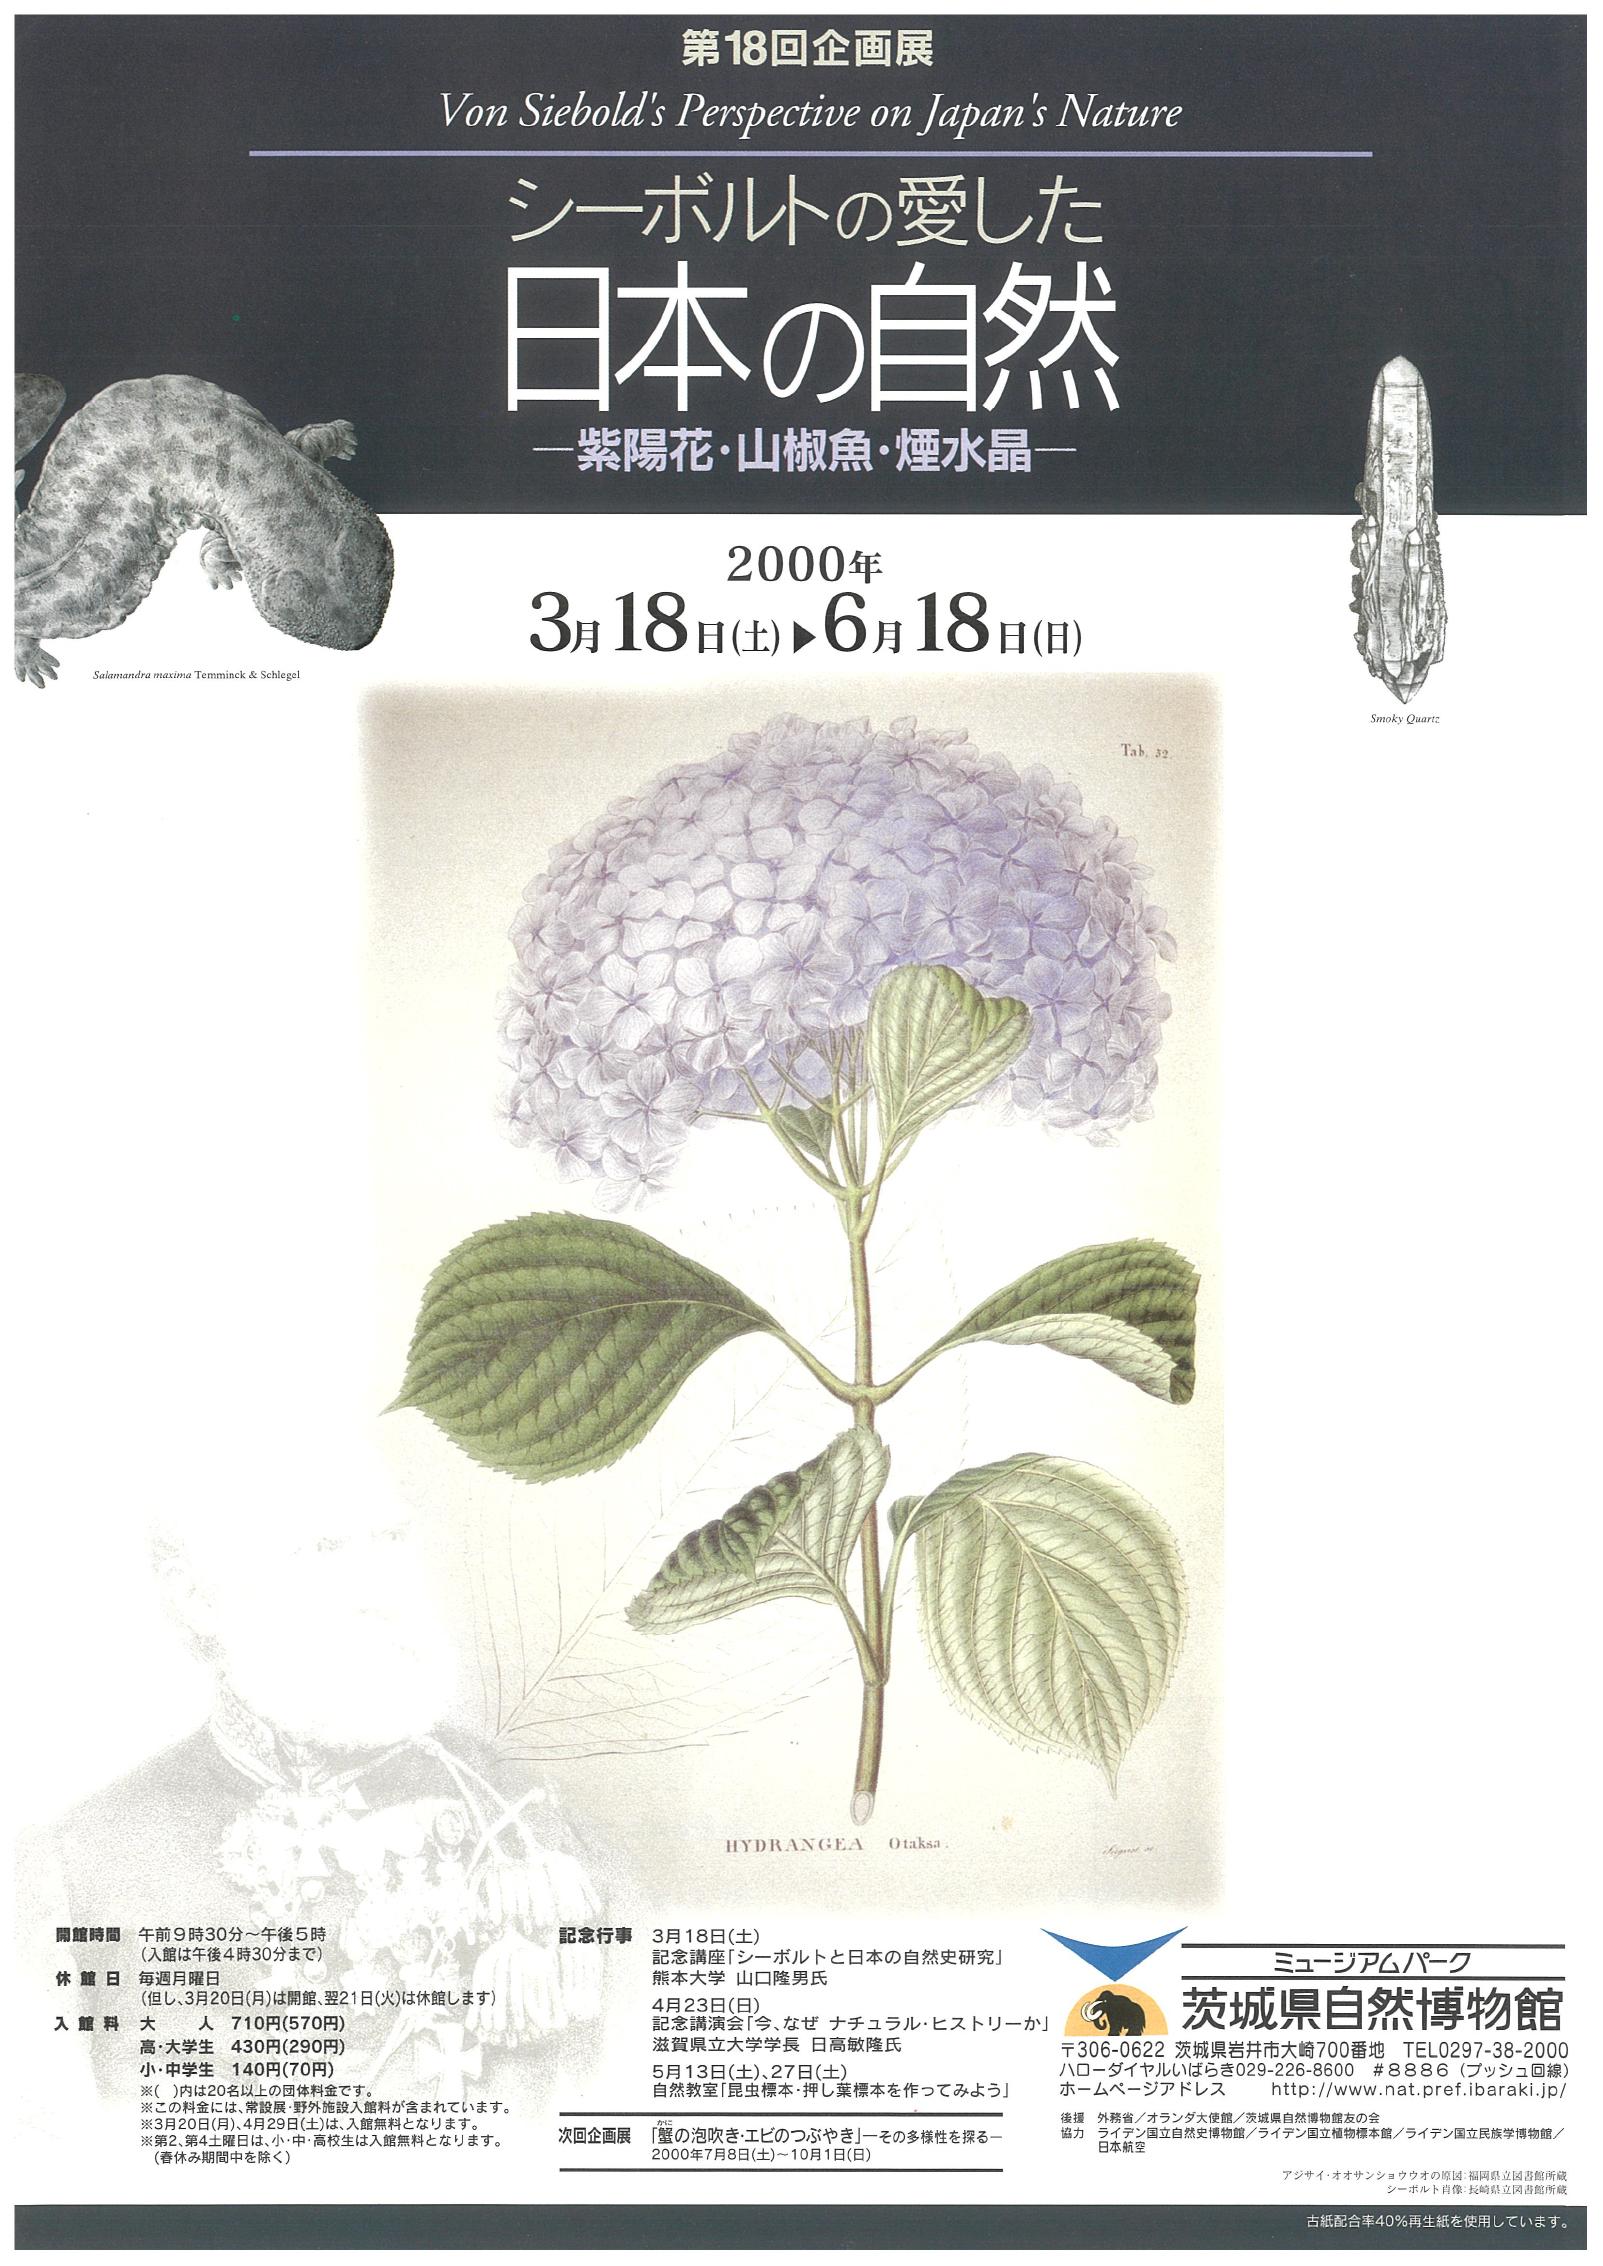 シーボルトの愛した日本の自然 - 紫陽花・山椒魚・煙水晶 -